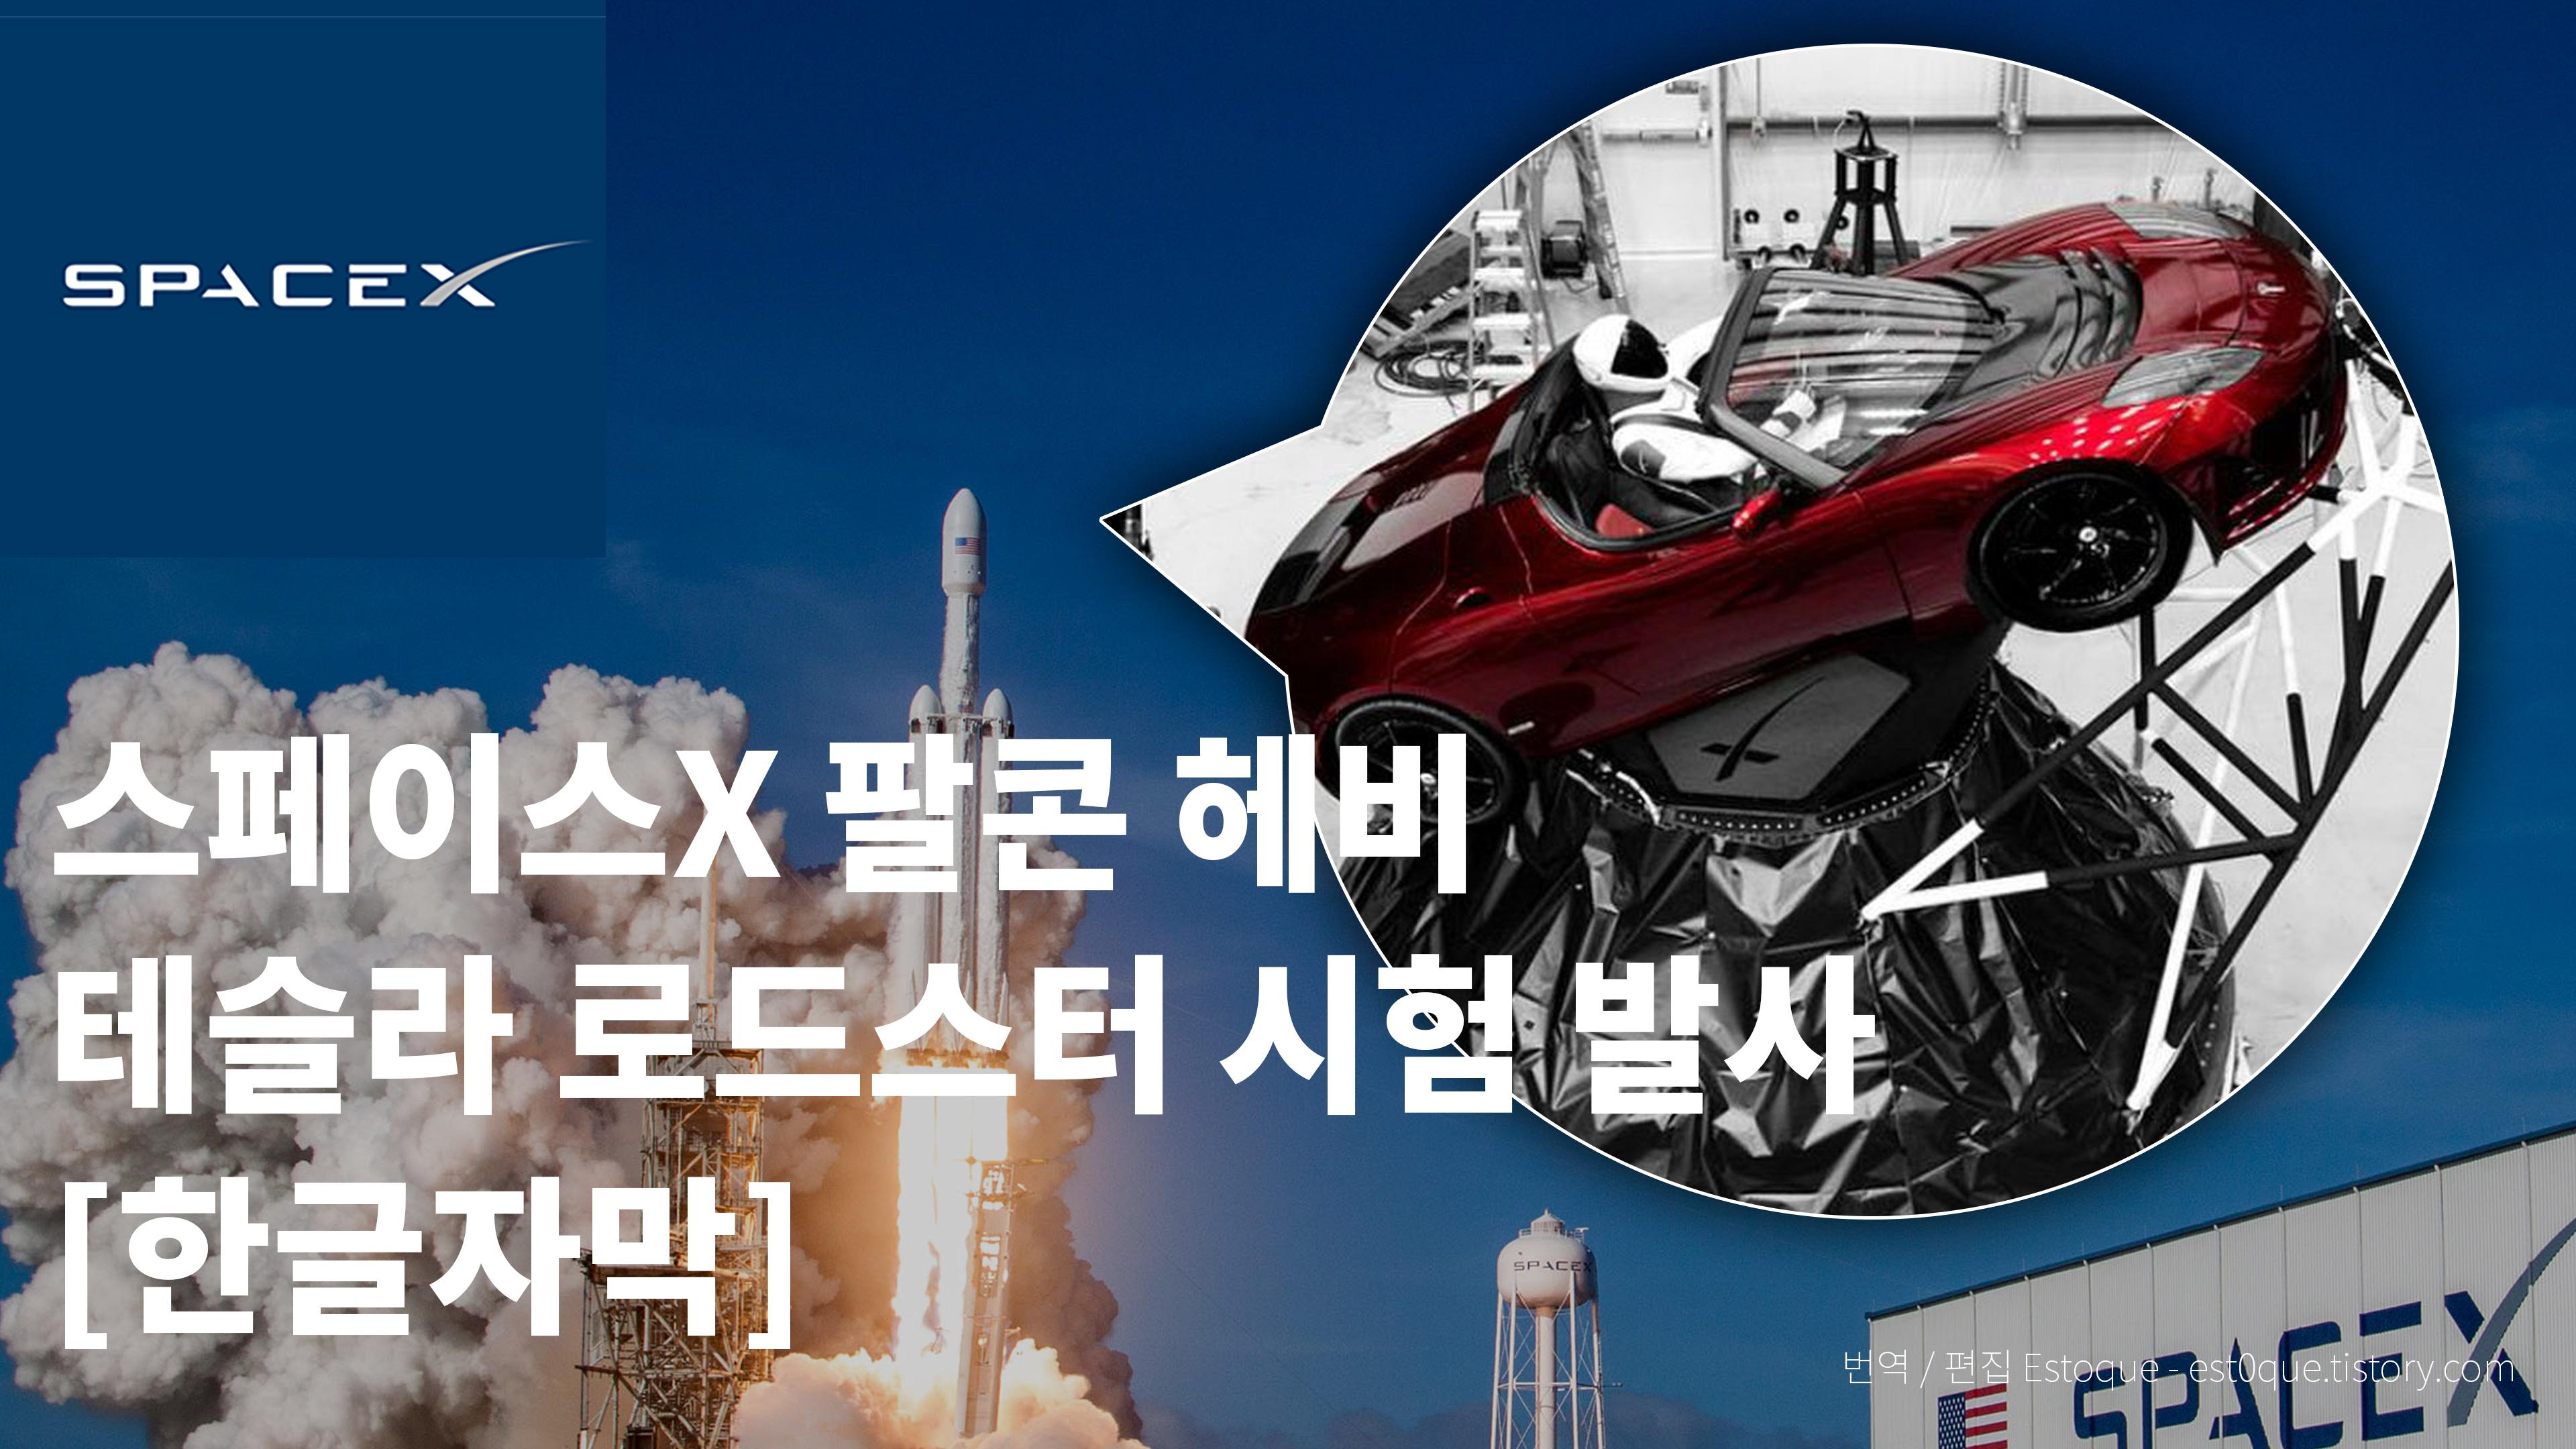 스페이스X 팔콘 헤비 – 테슬라 로드스터 시험 발사 [한글자막]